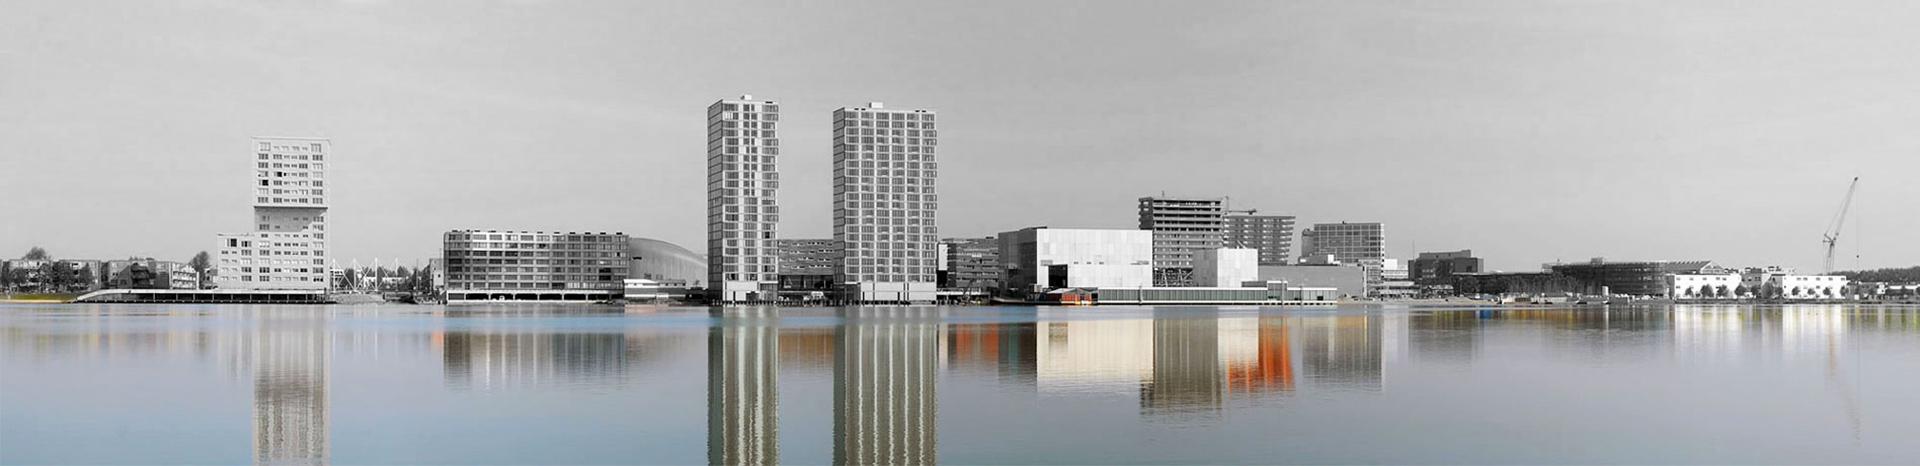 Letselschade advocaat Almere | LetselPro